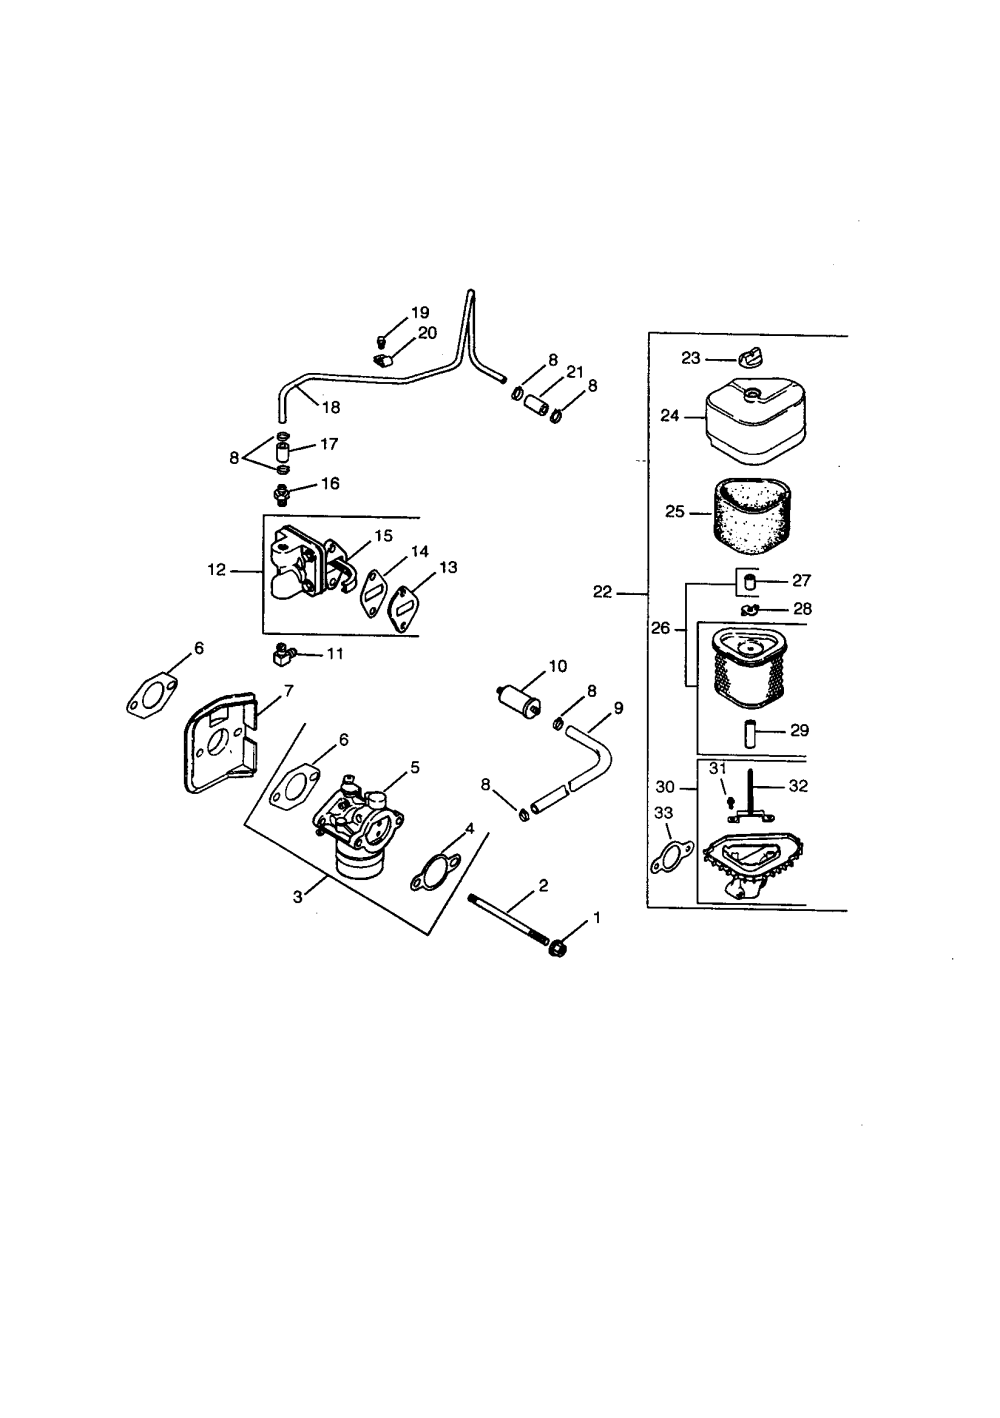 medium resolution of kohler cv15s ps41588 fuel and air system diagram